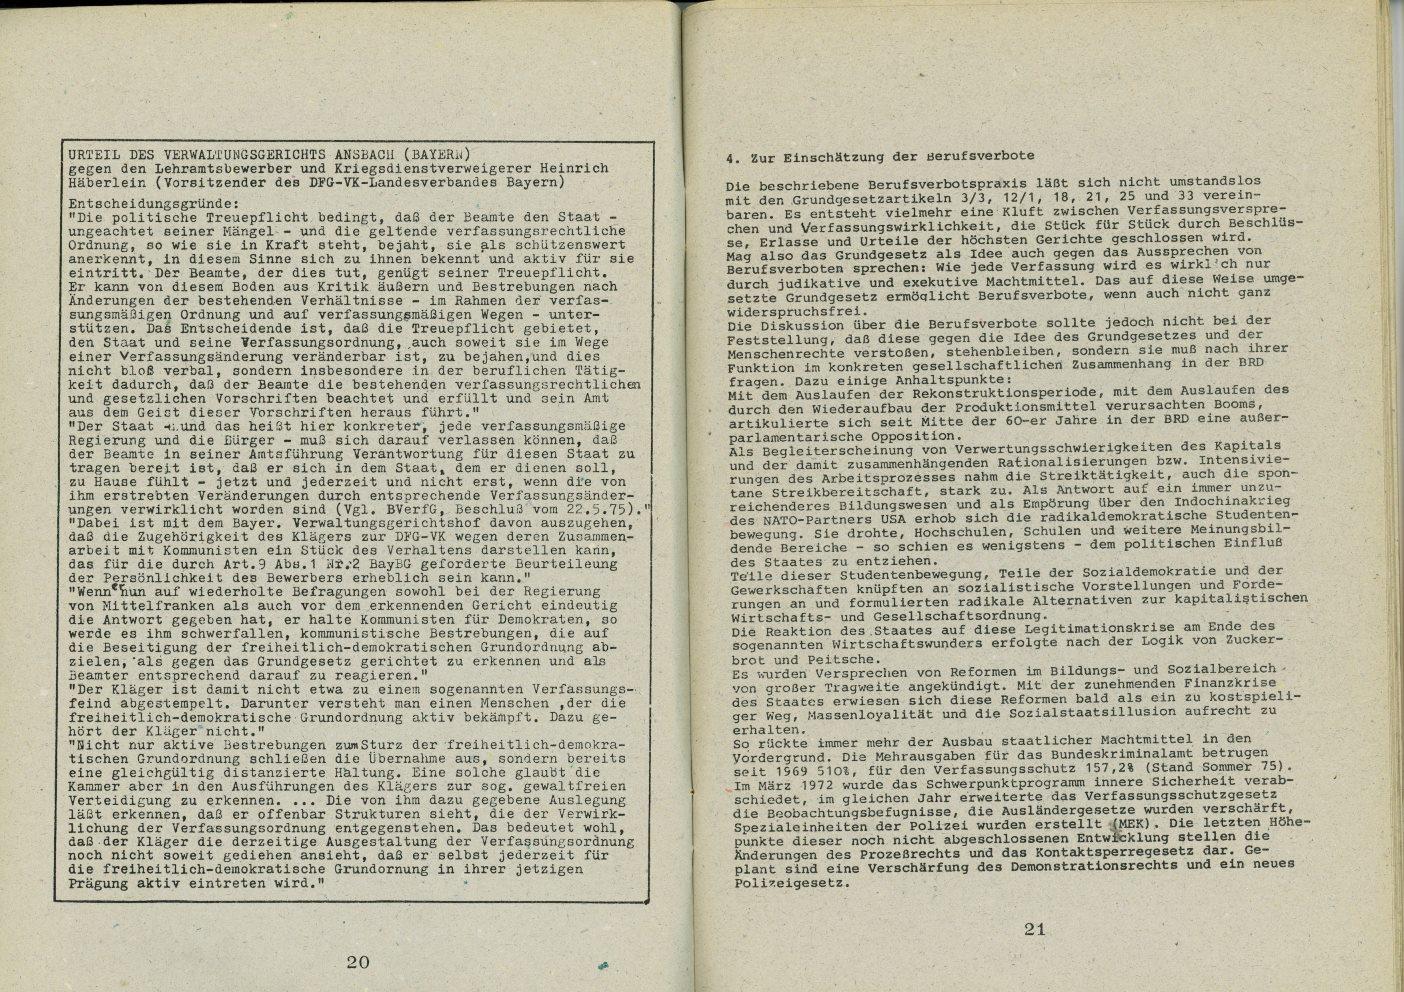 Stuttgart_AGRT_Menschenrechtsverletzungen_Leseheft_1978_12